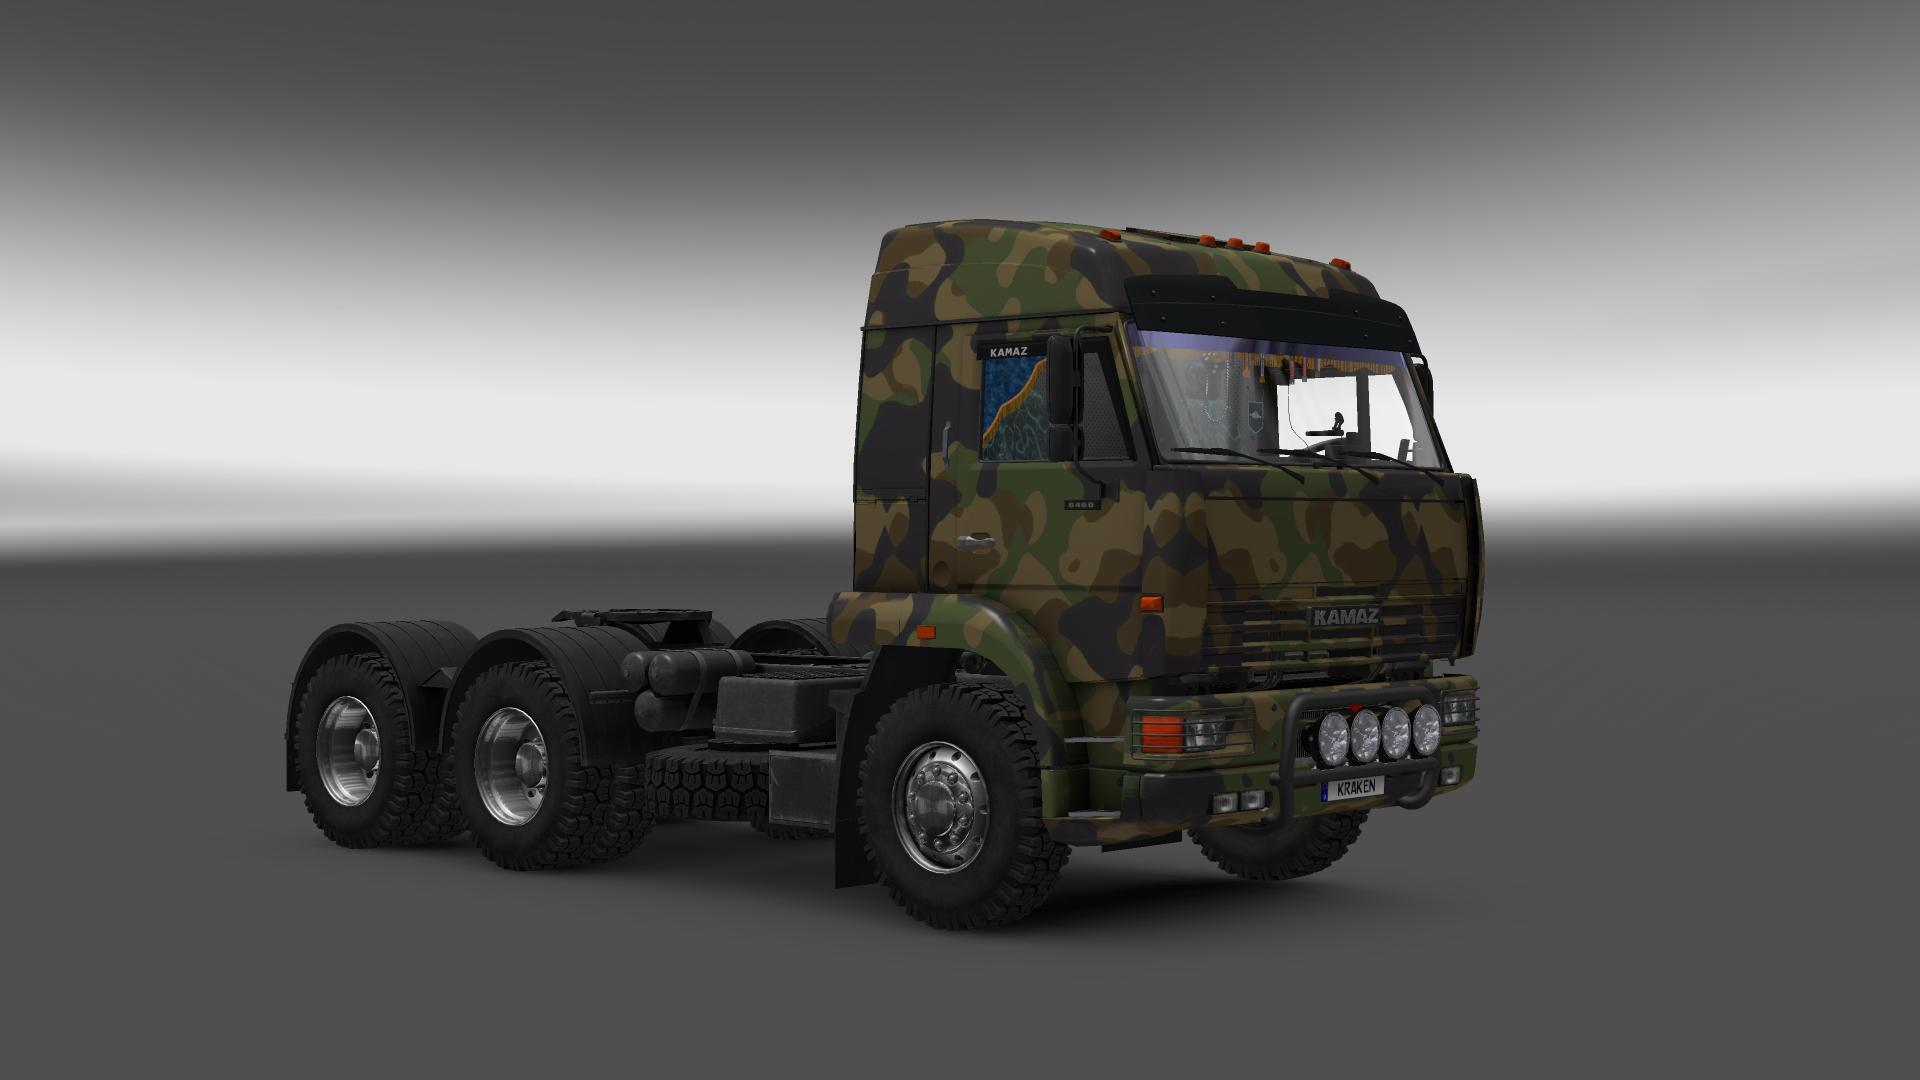 Euro truck simulator 2 o comeccedilo 1 - 3 9